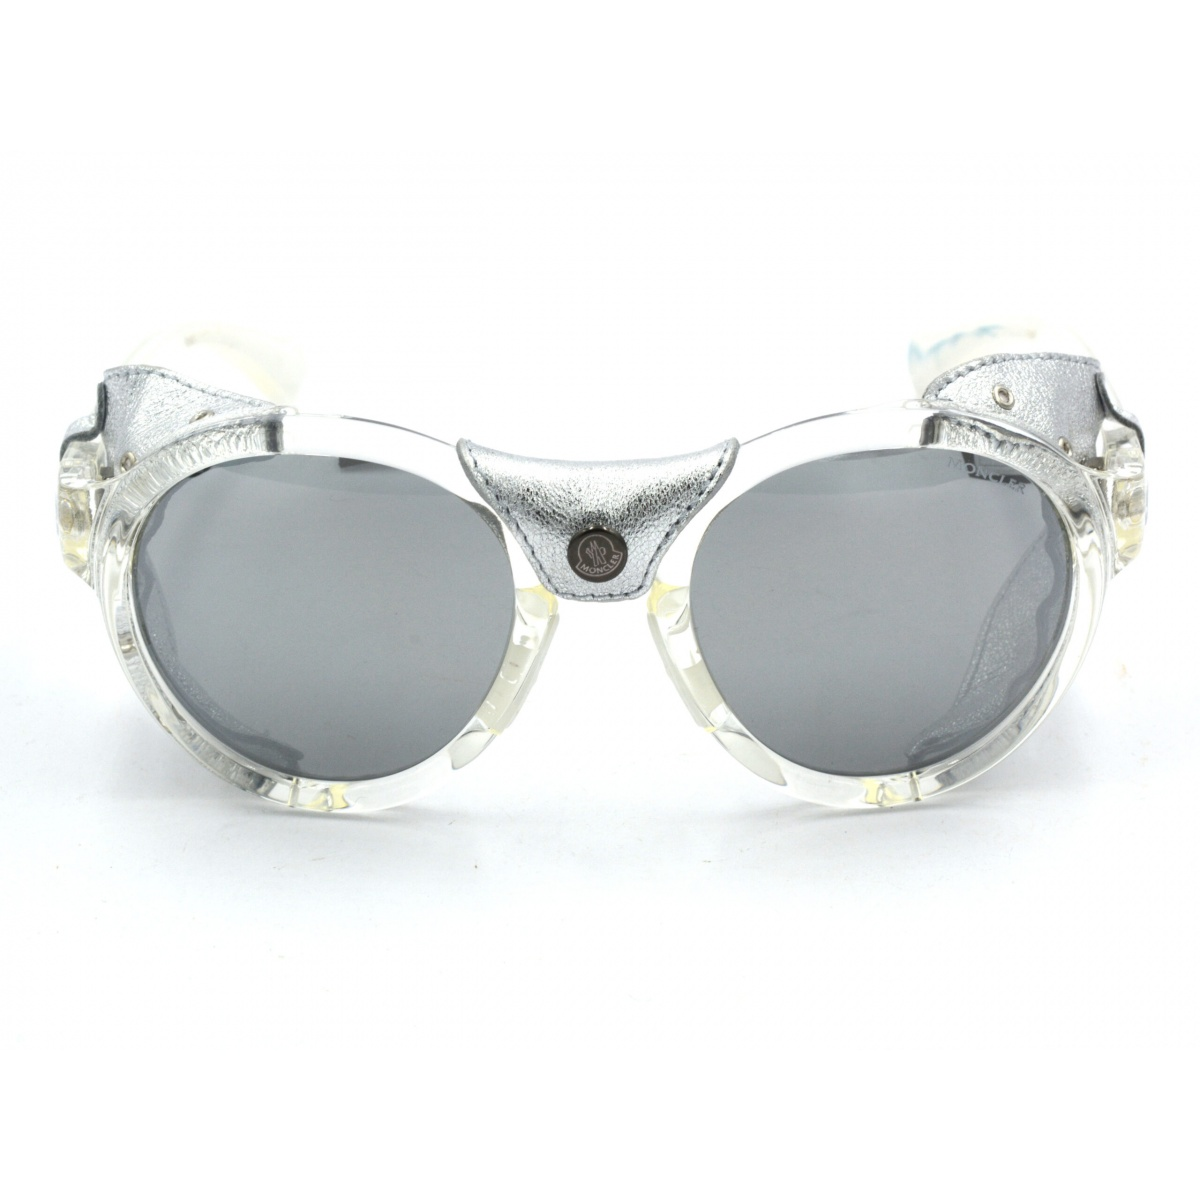 Γυαλιά ηλίου MONCLER ML 0056 26C 52 20 140